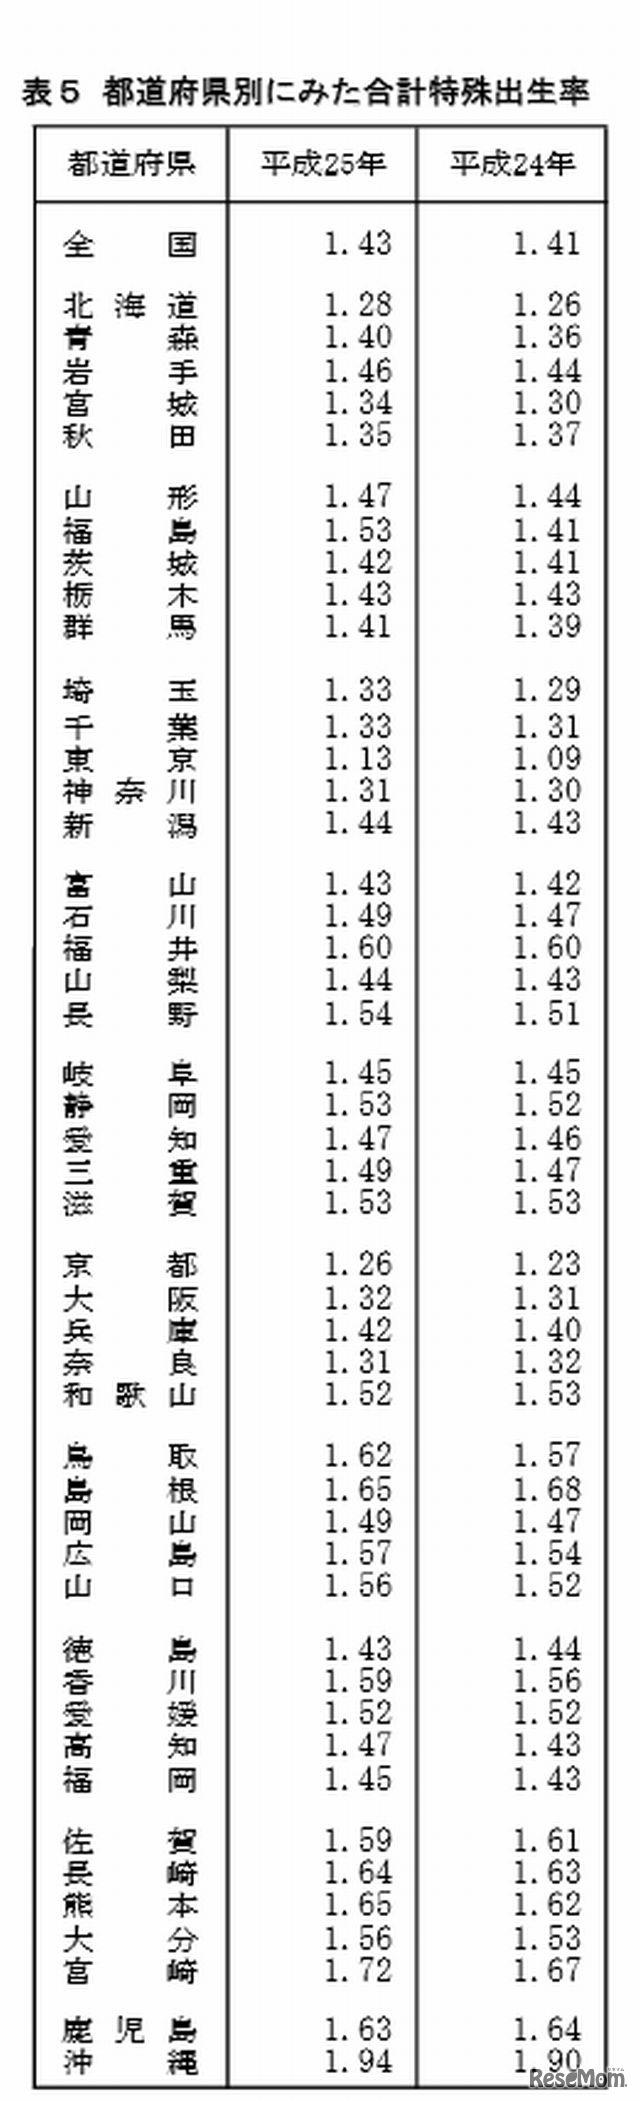 都道府県別にみた合計特殊出生率 【画像】出生数は過去最少を記録、合計特殊出生率は微増の1.43…